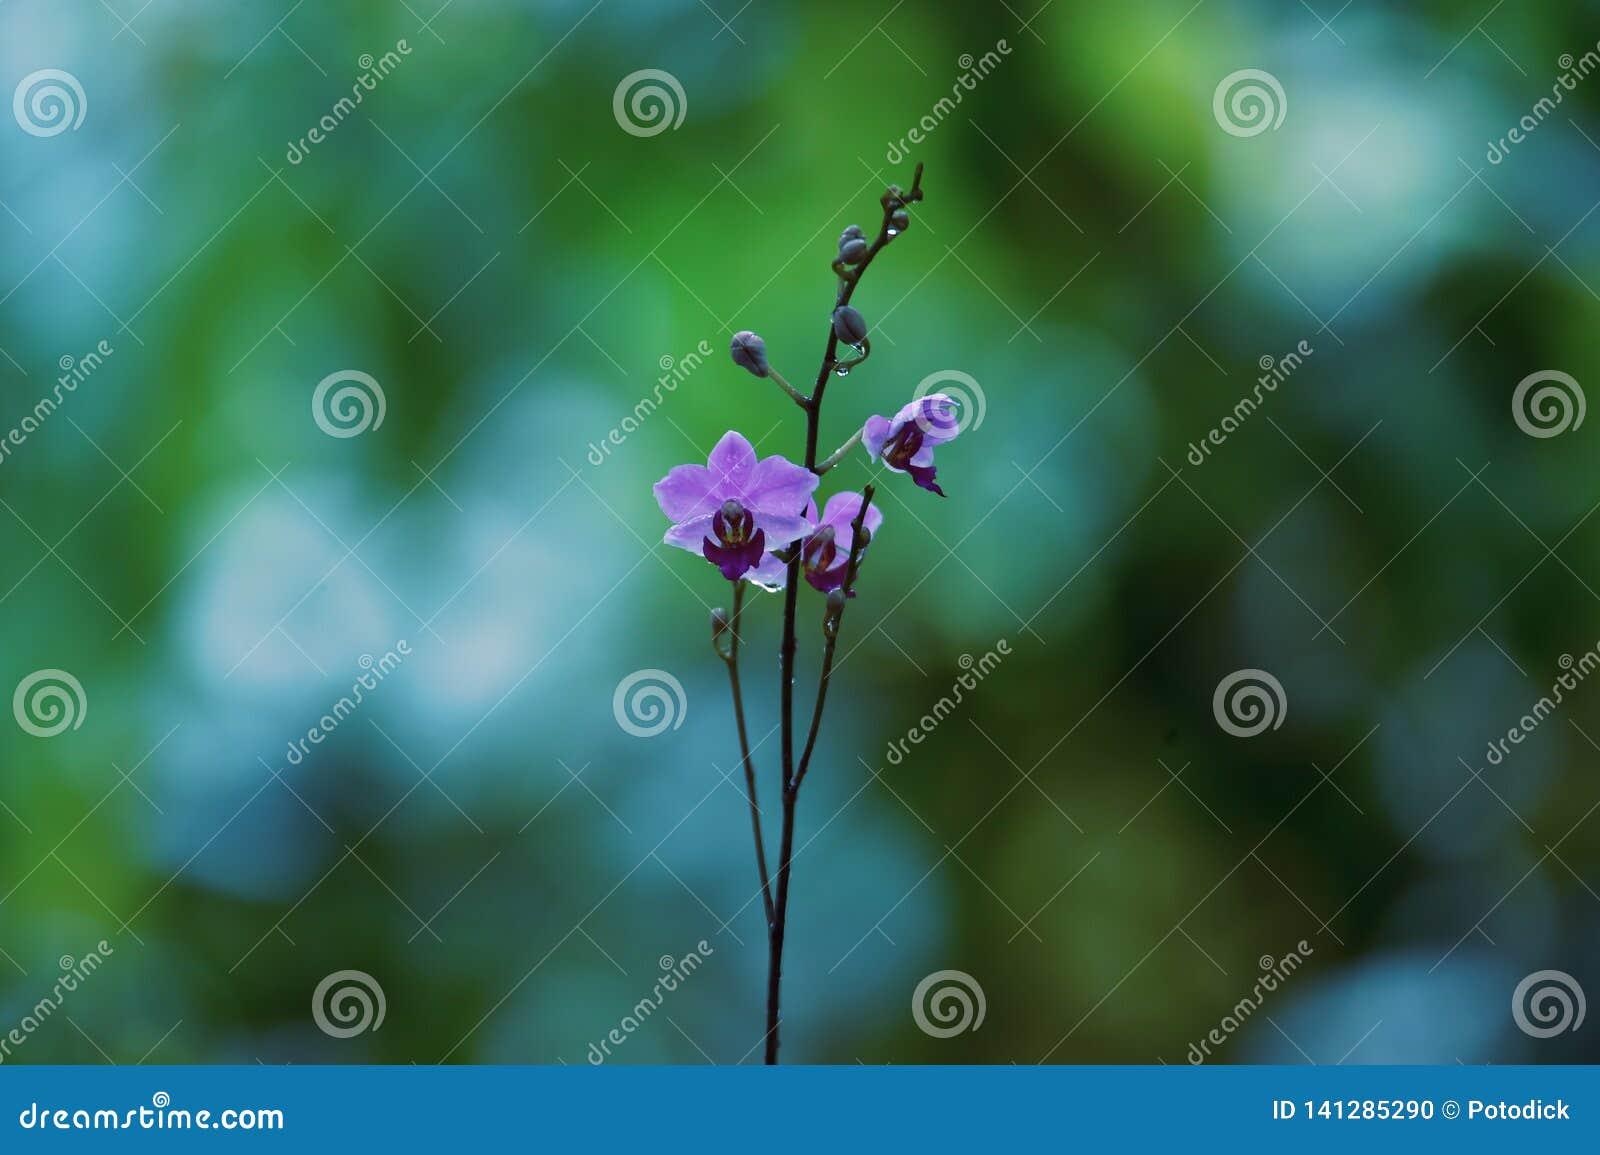 Les fleurs bleues violacées se développent et fleurissent